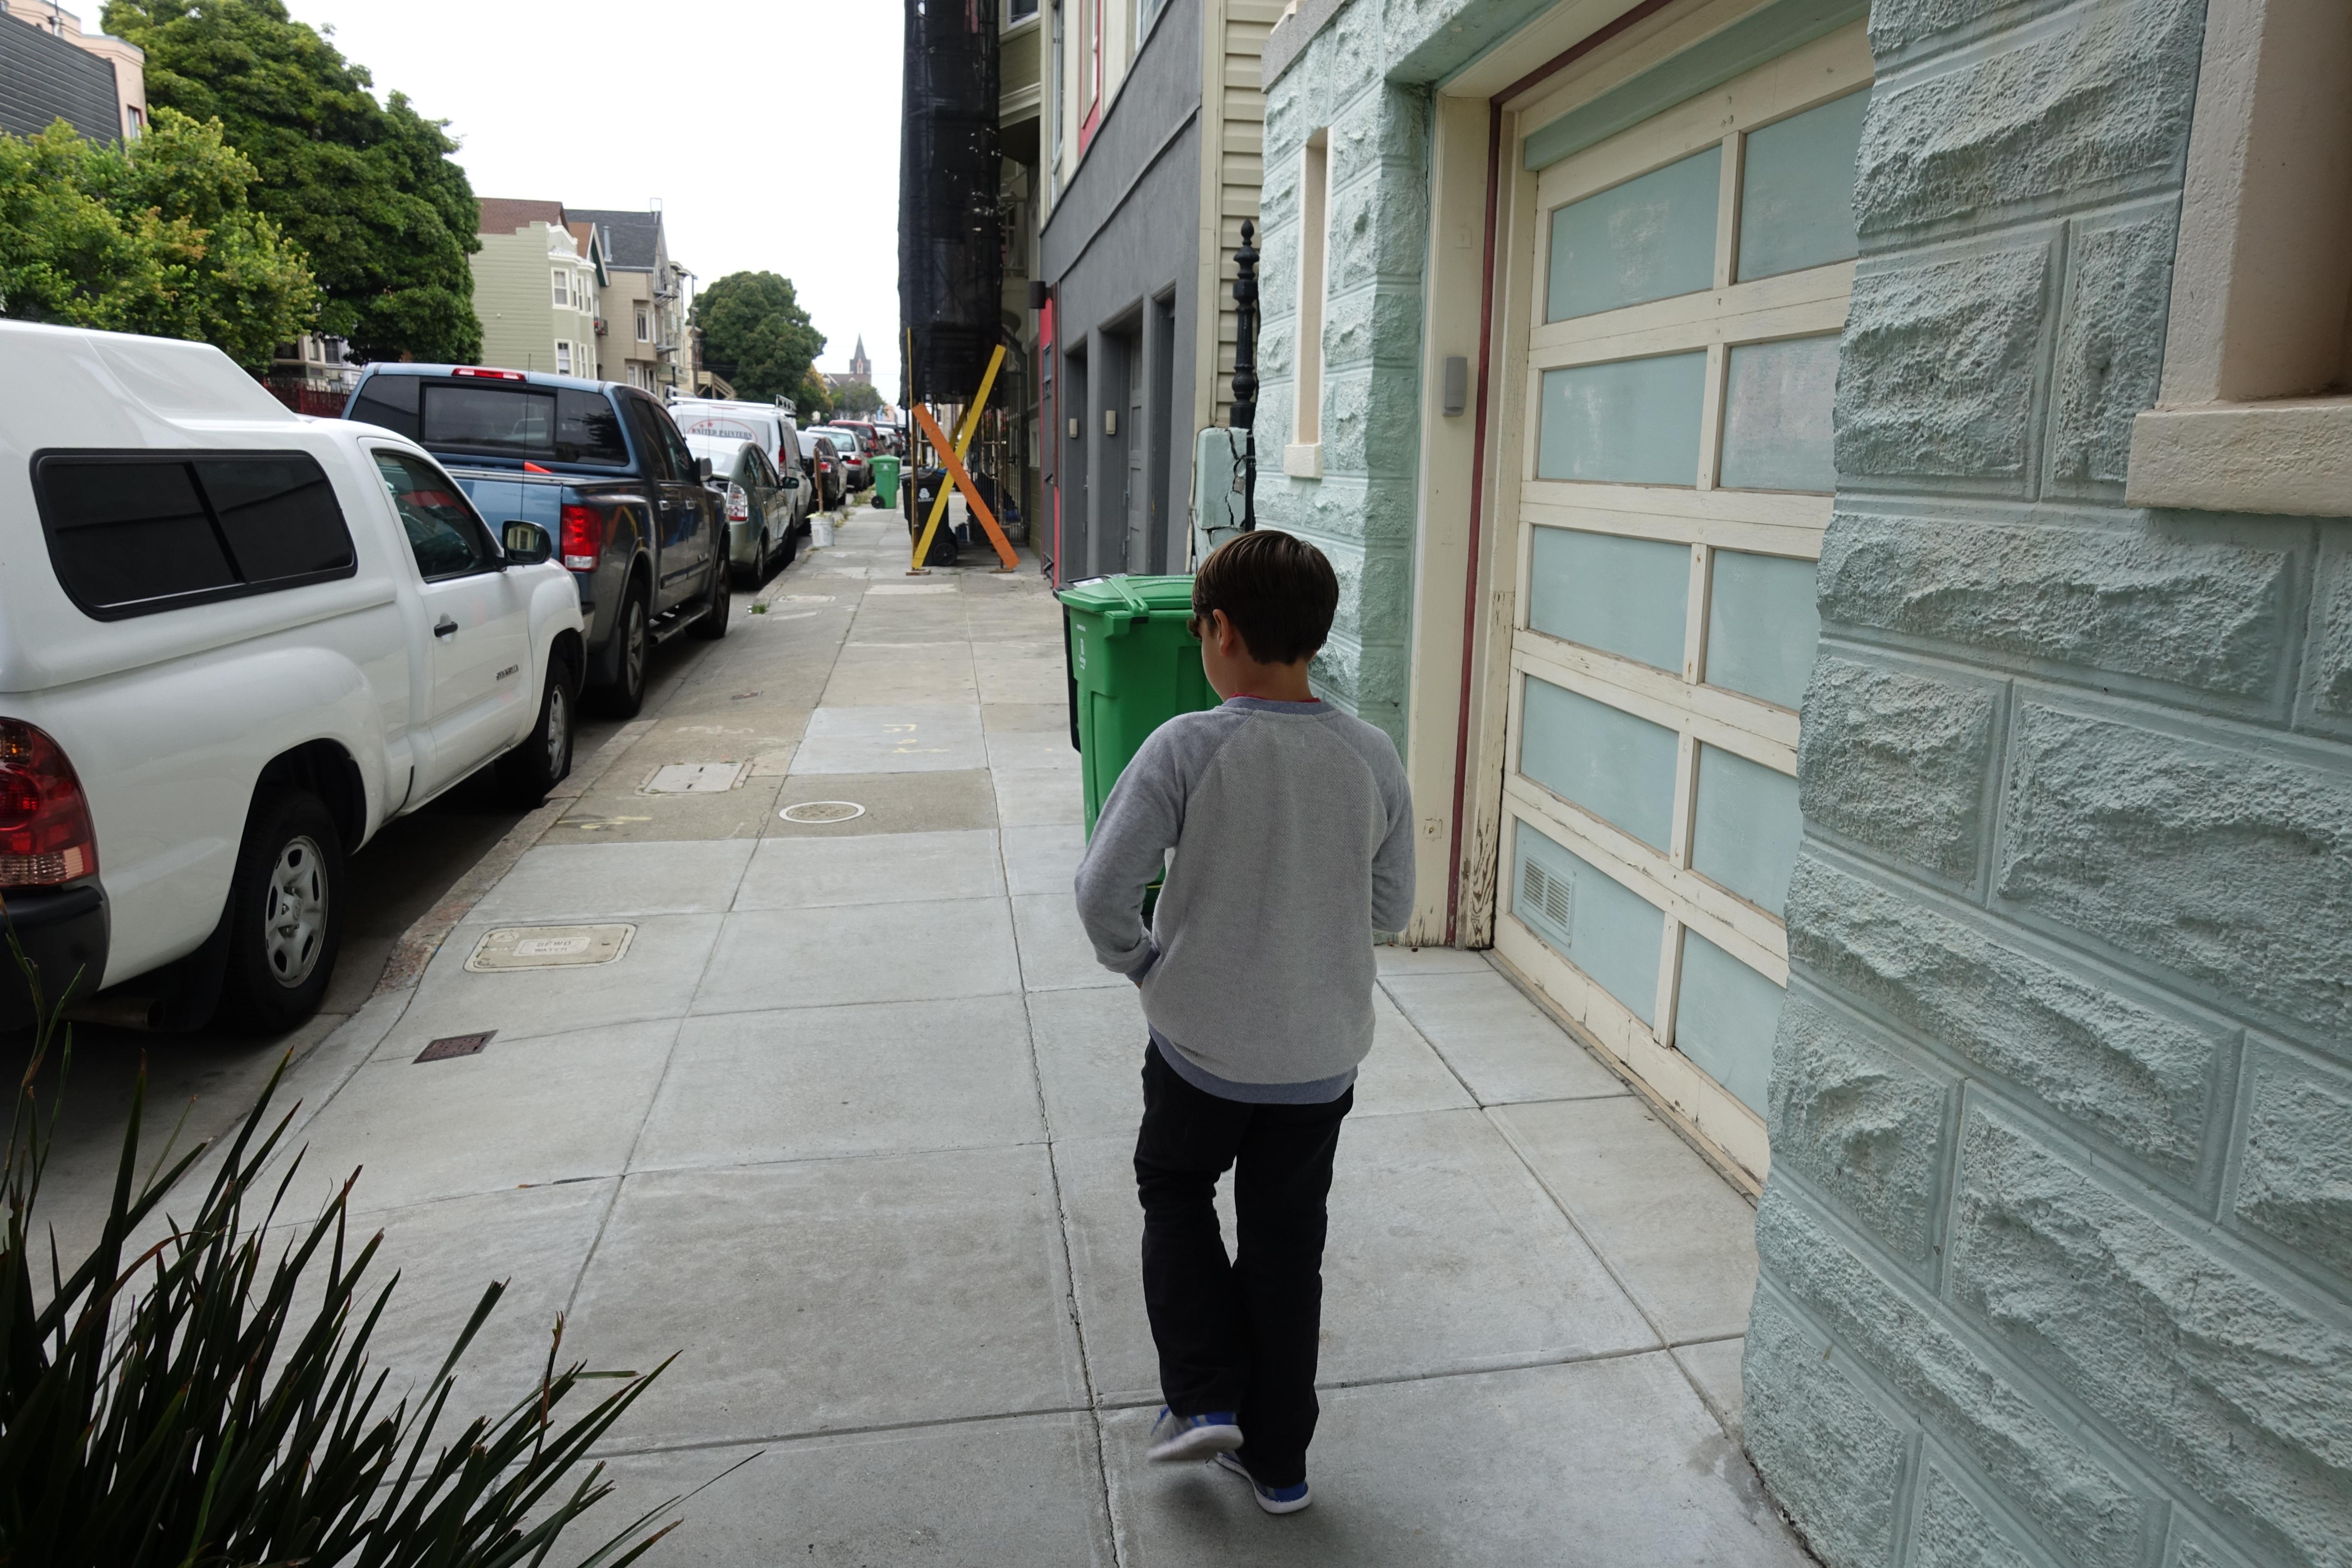 Gatelangs i San Francisco på jakt etter de små monstrene. Vi har møtt mange andre spillere på vår vei, og de fleste av dem godt over 20.